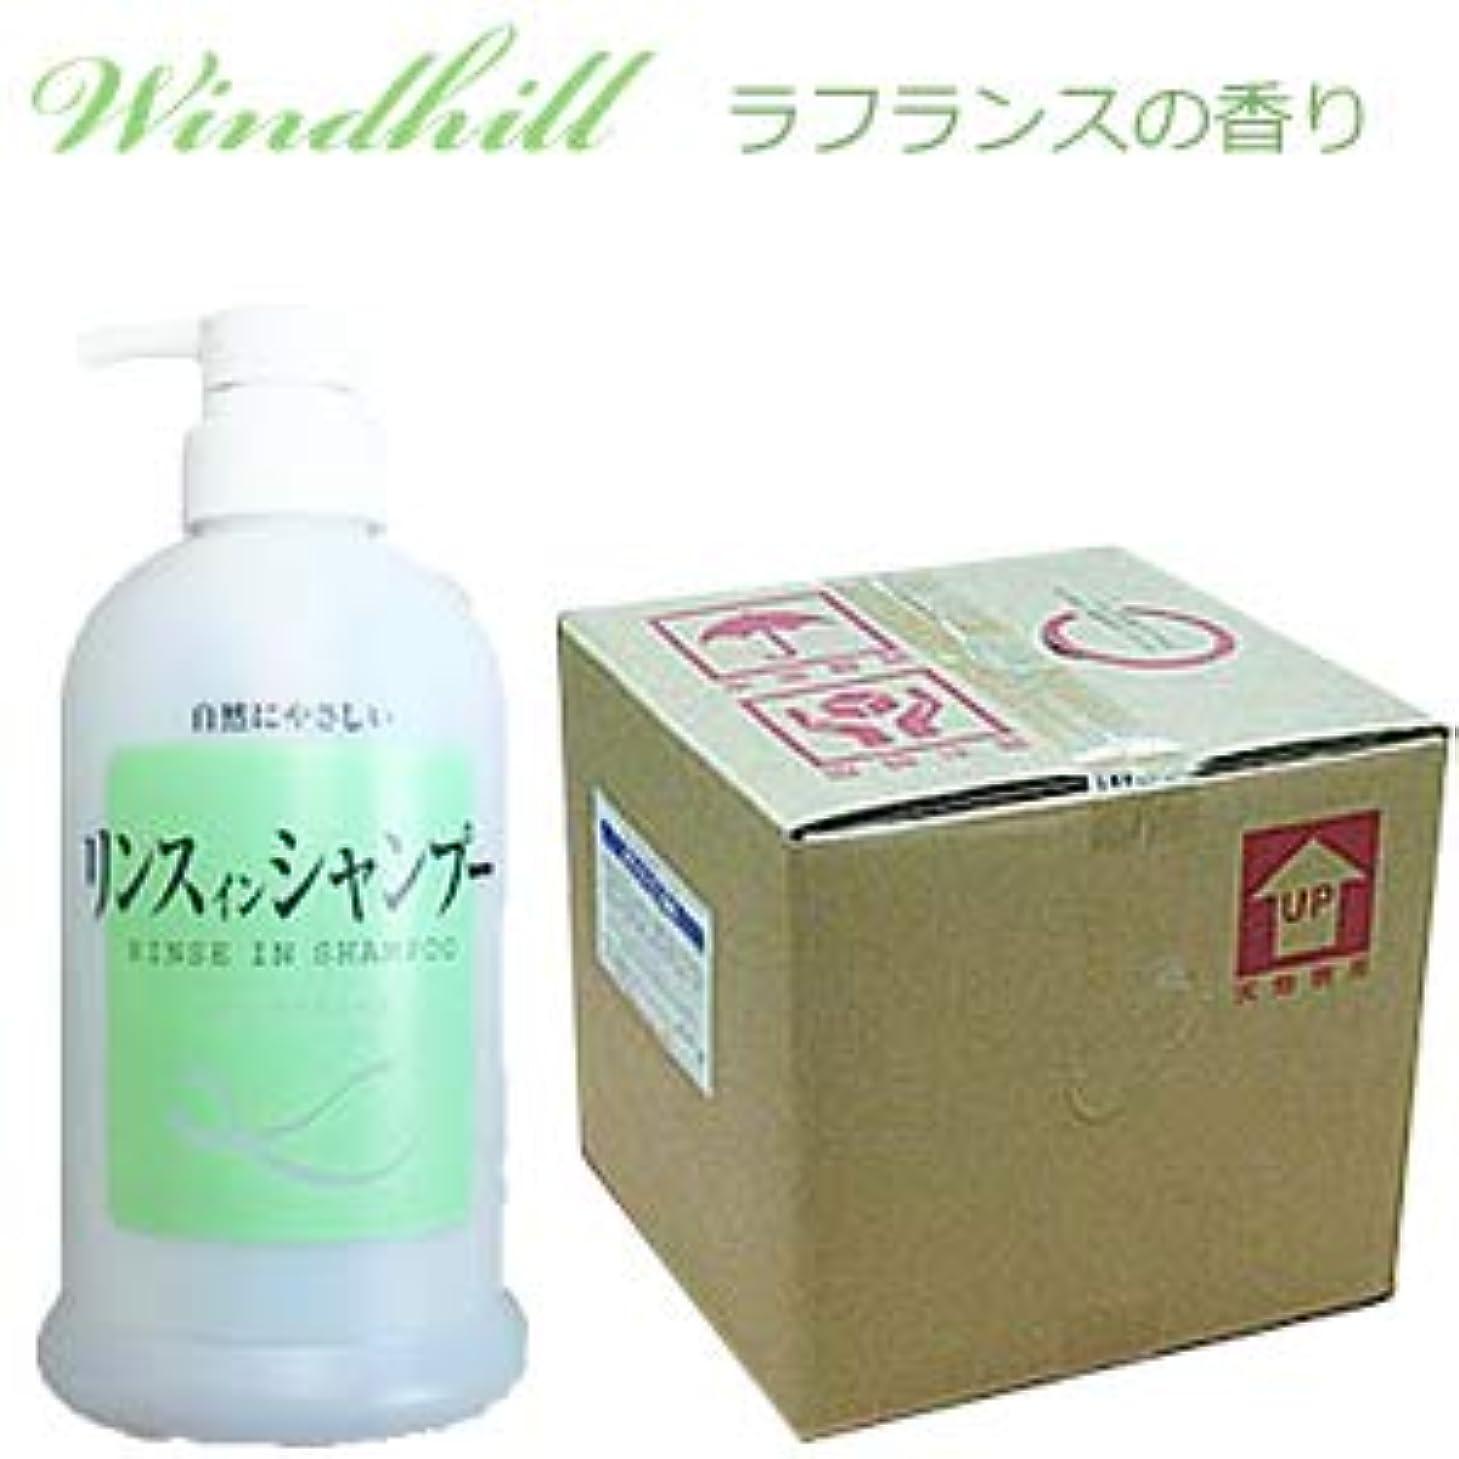 札入れ重要南方の500ml当り173円 Windhill 植物性 業務用 リンスイン シャンプー 爽やかなラフランスの香り 20L